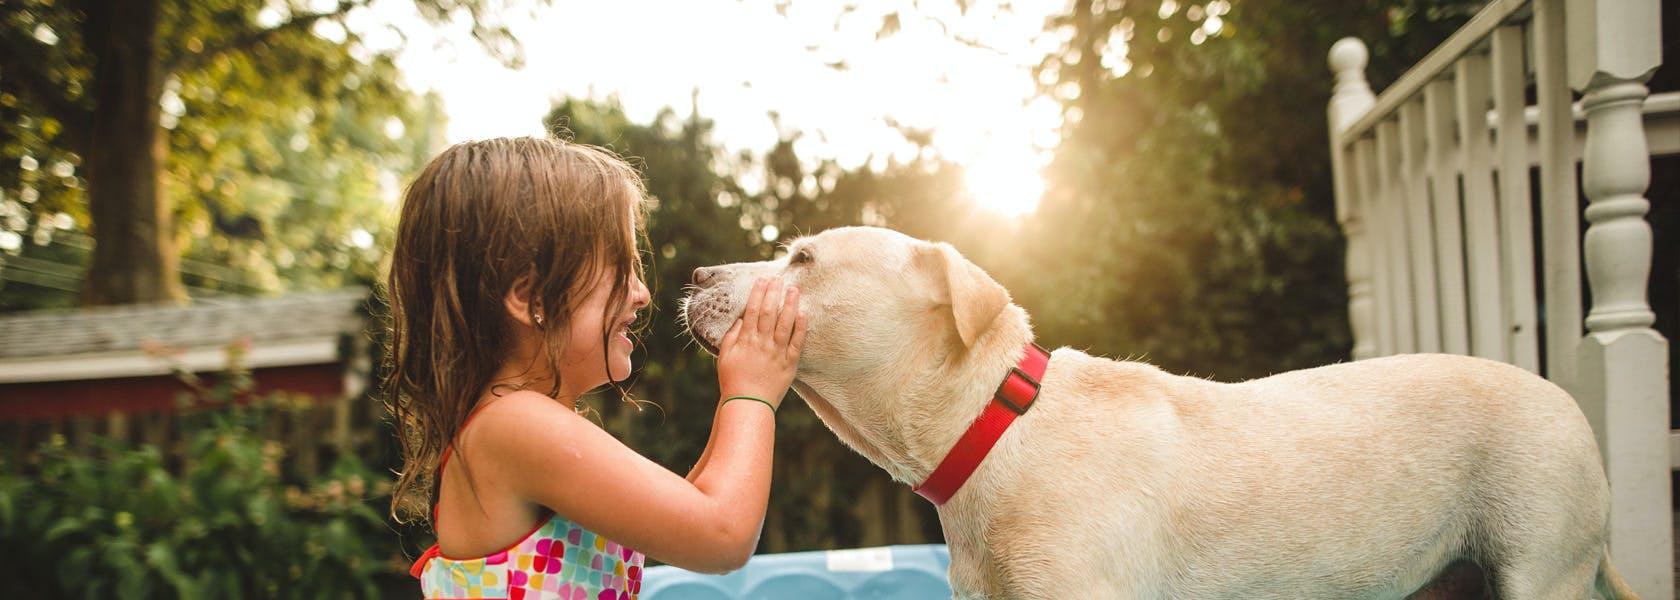 Una niña en una piscina acaricia a un perro